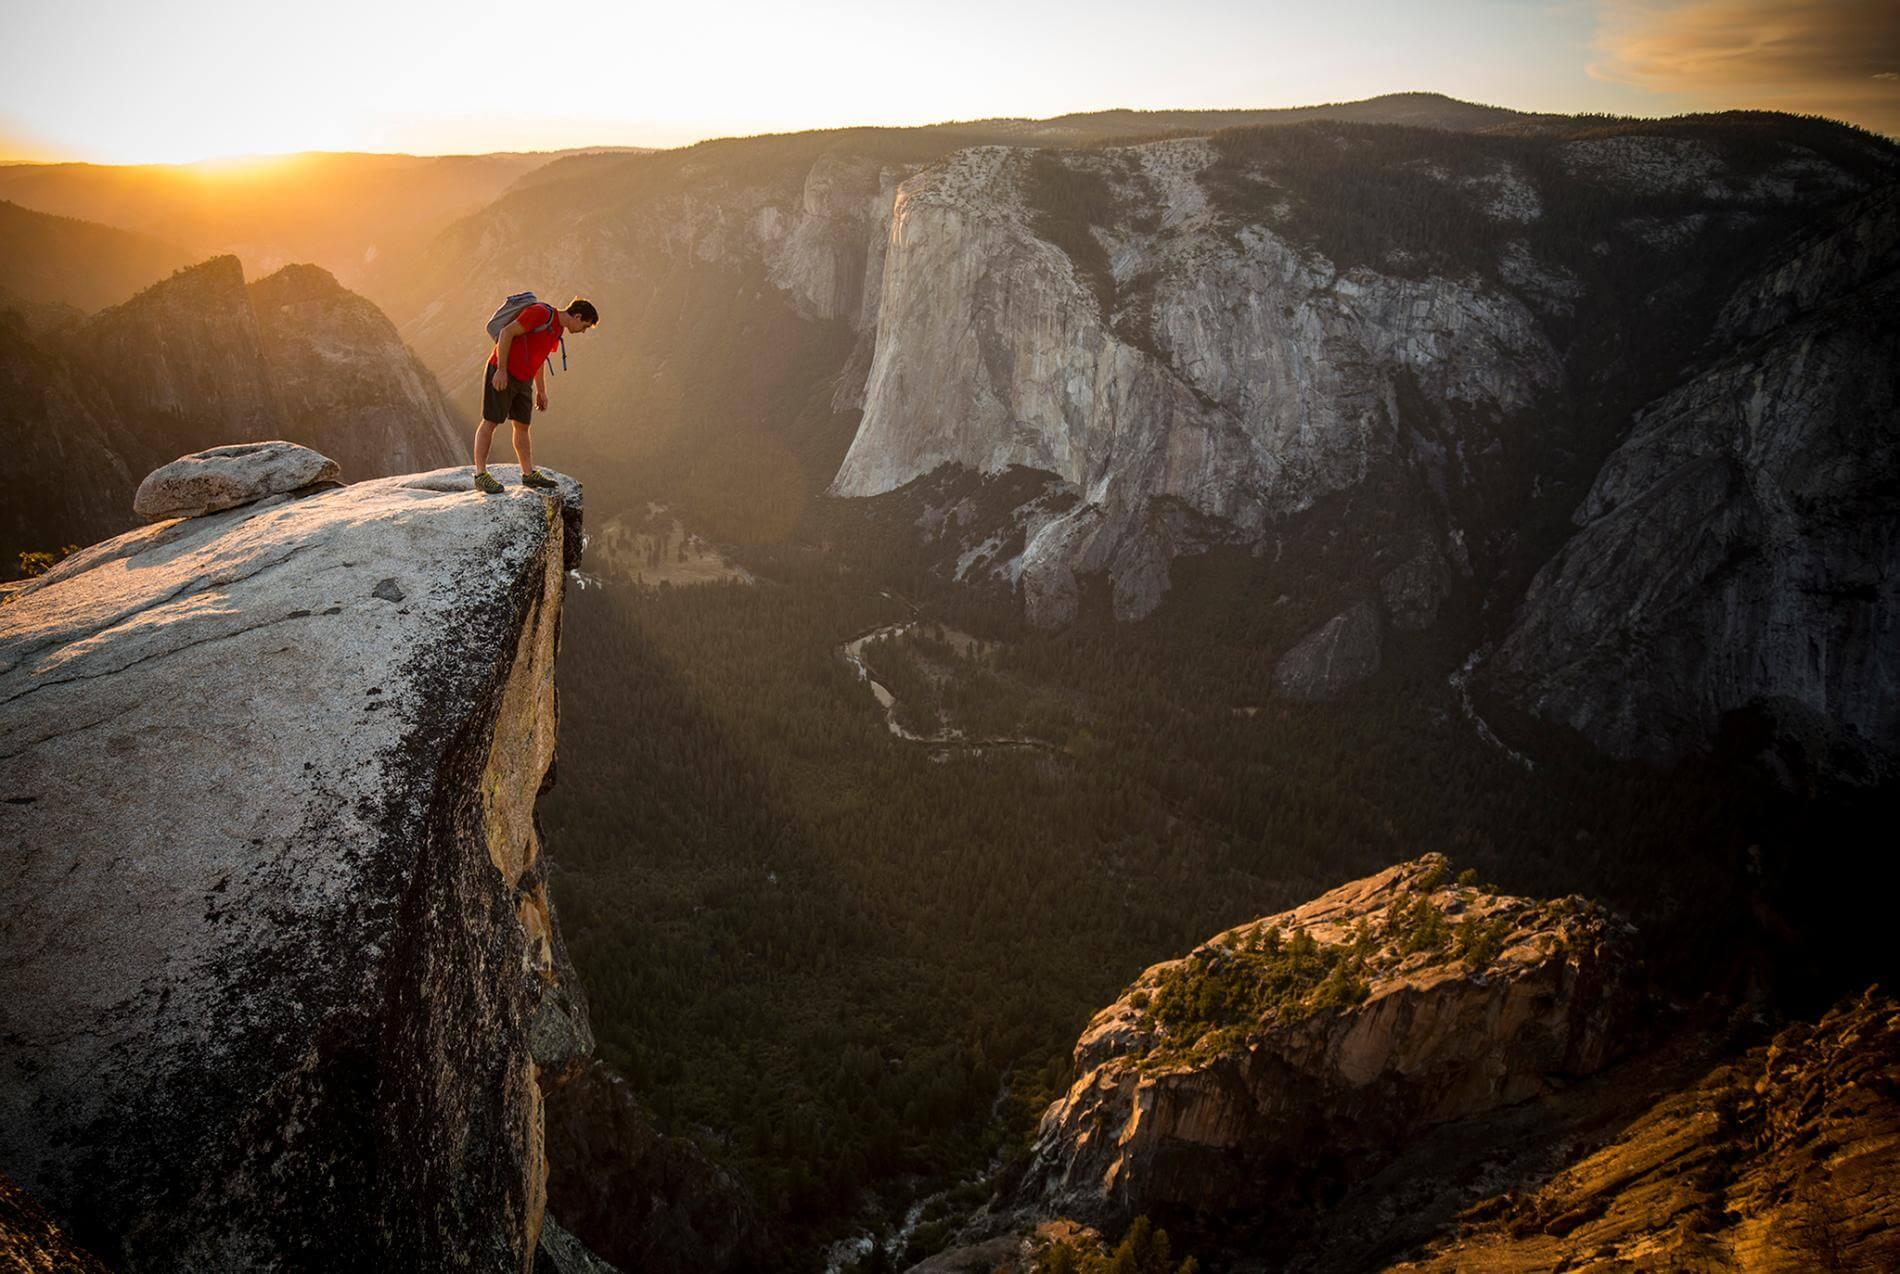 alex honnold el capitan rope free ascent 9